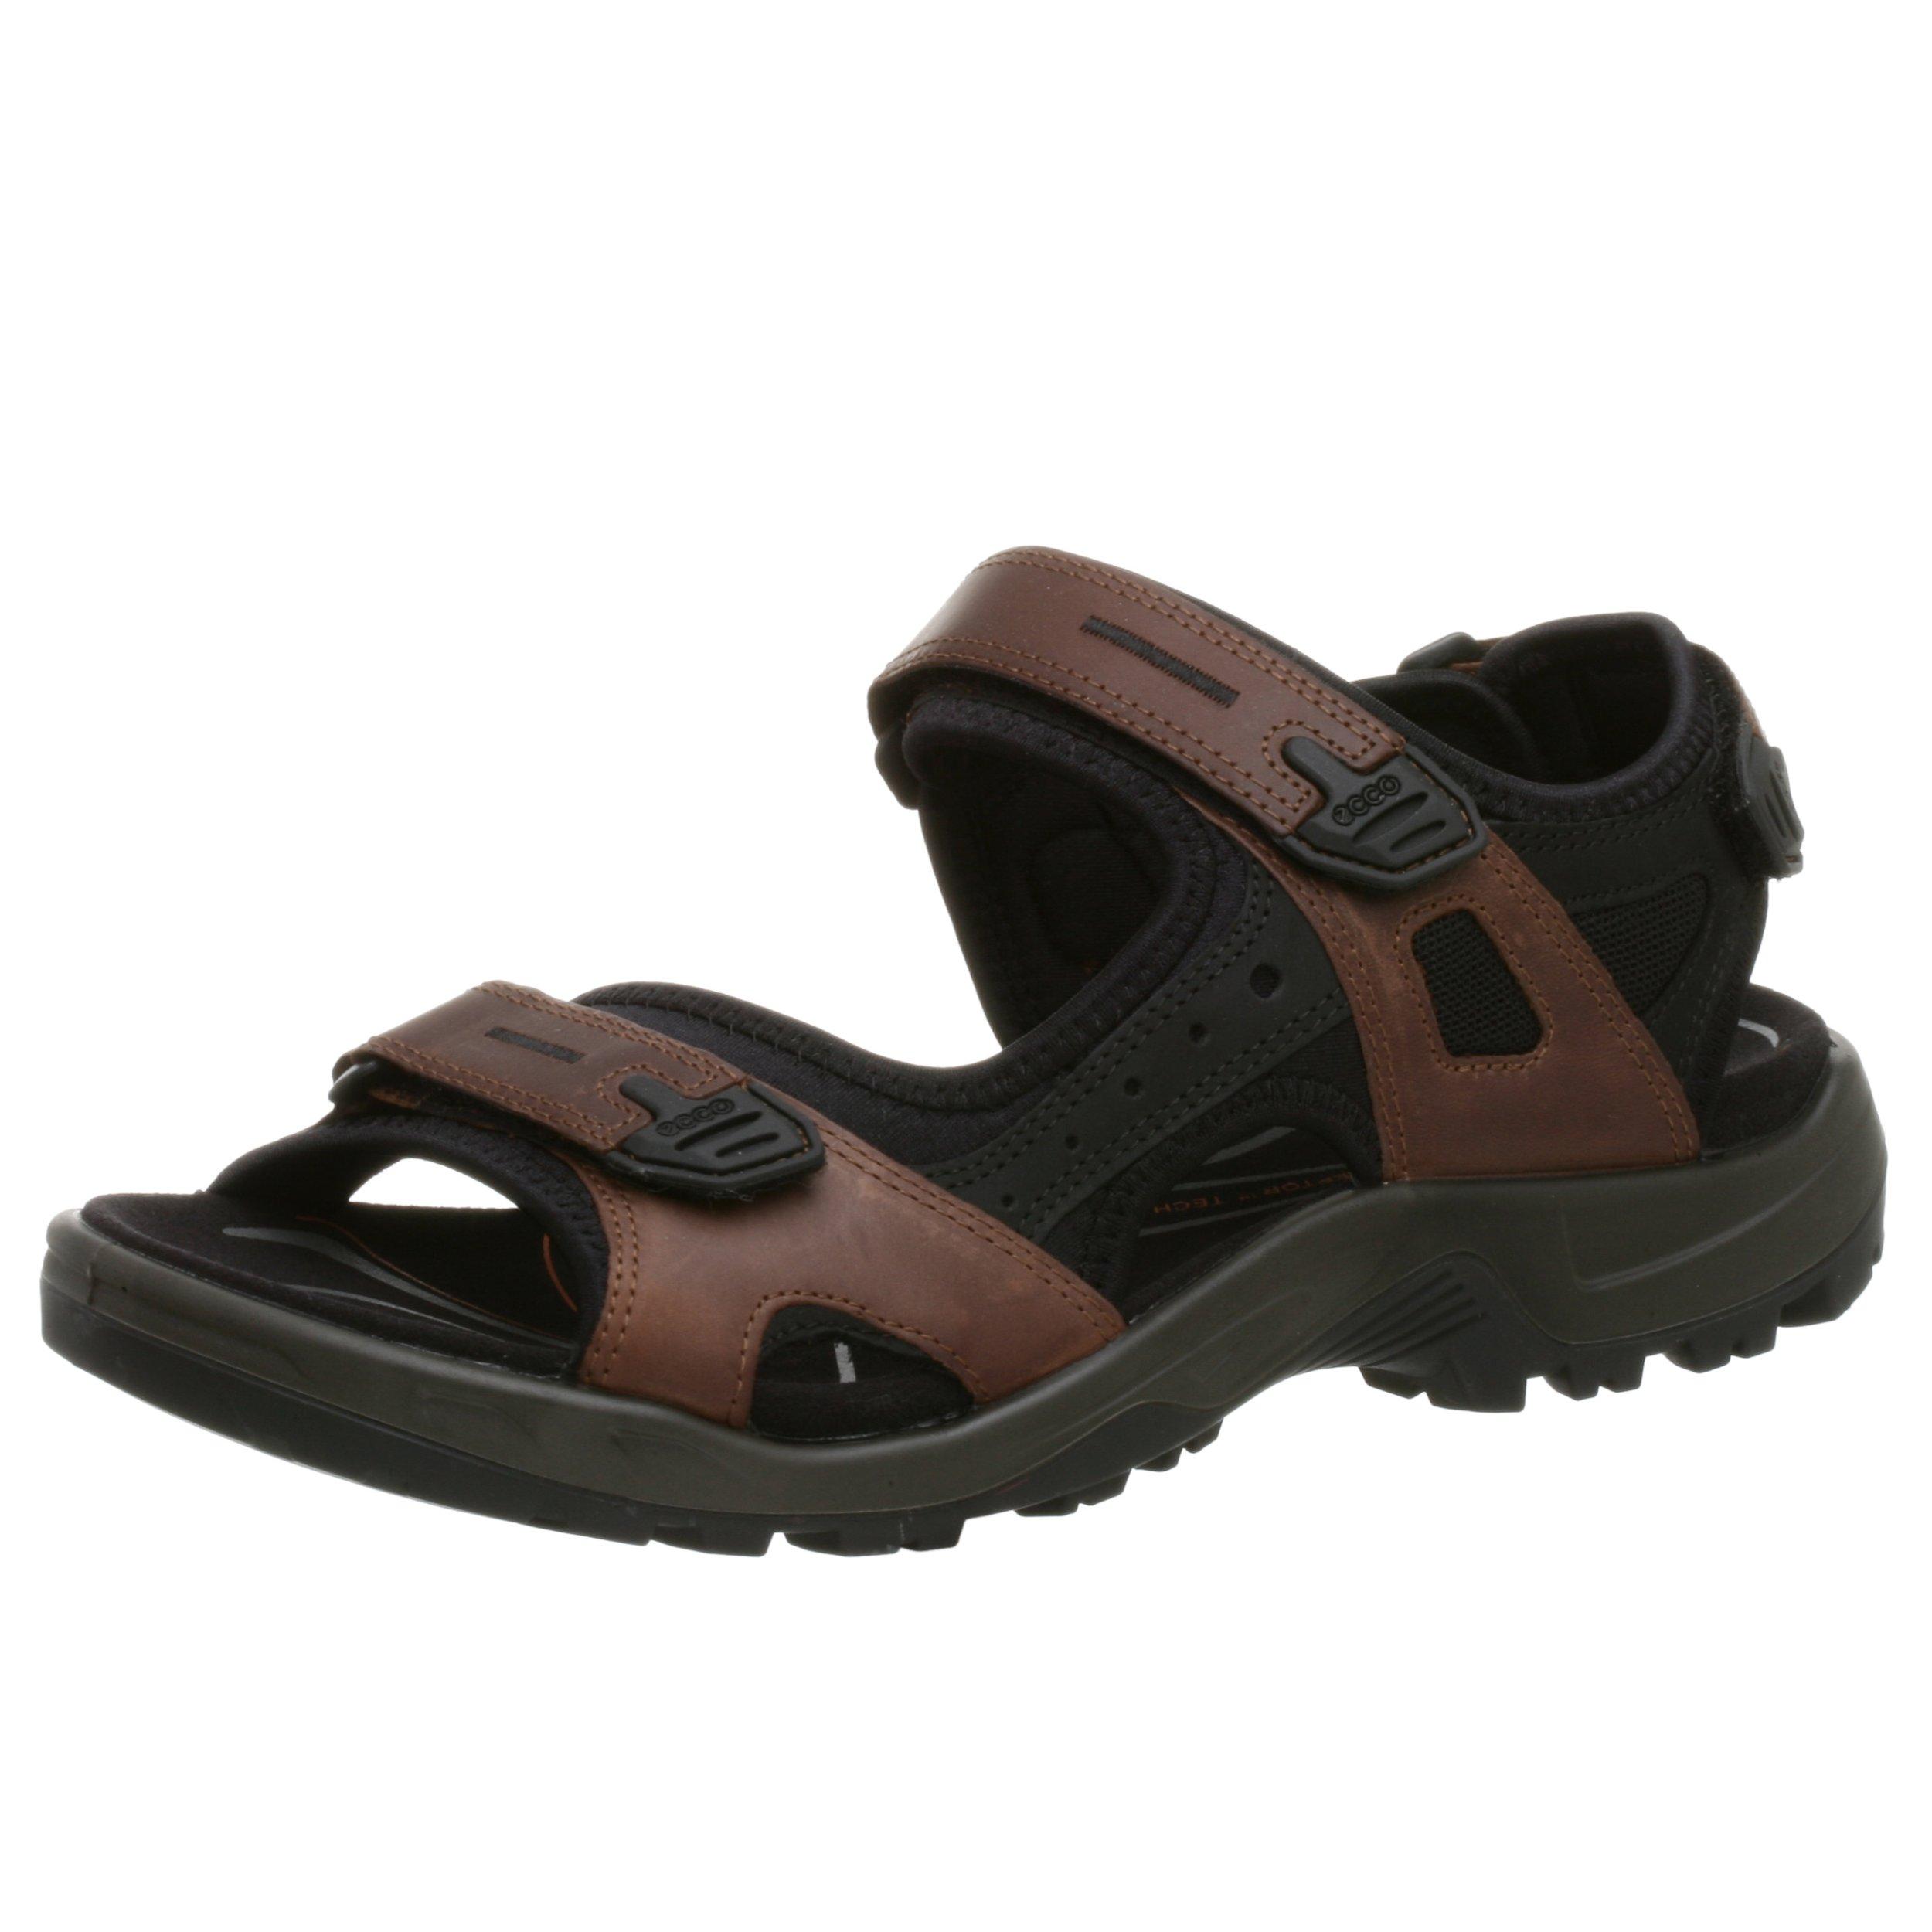 ECCO Men's Yucatan Sandal,Bison/Black/Black,46 EU (US Men's 12-12.5 M) by ECCO